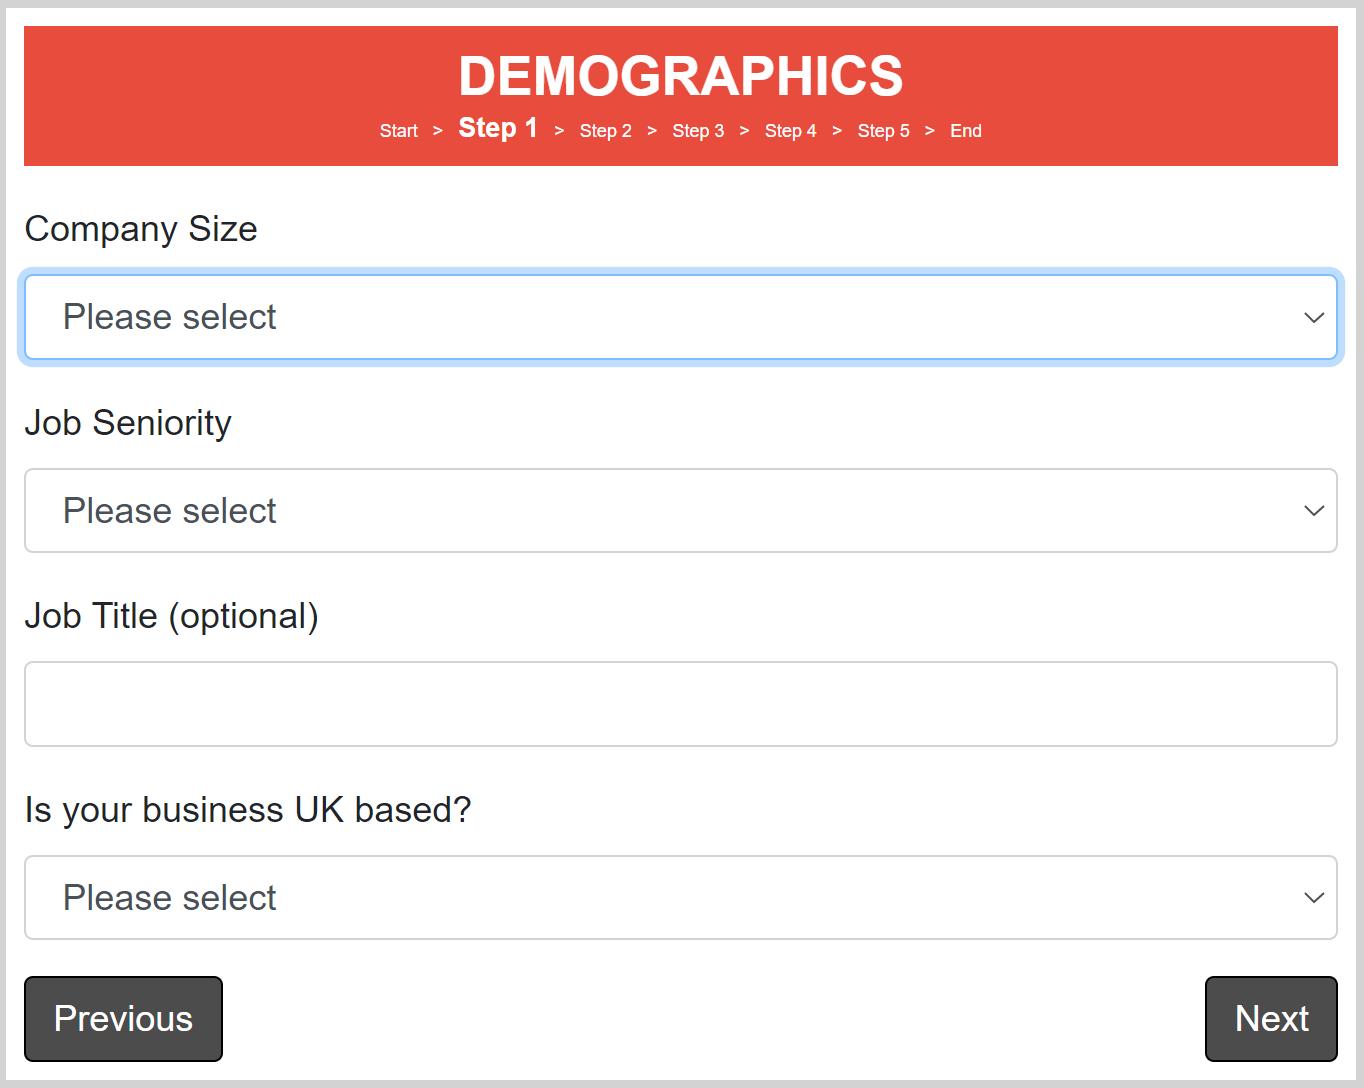 demographics page